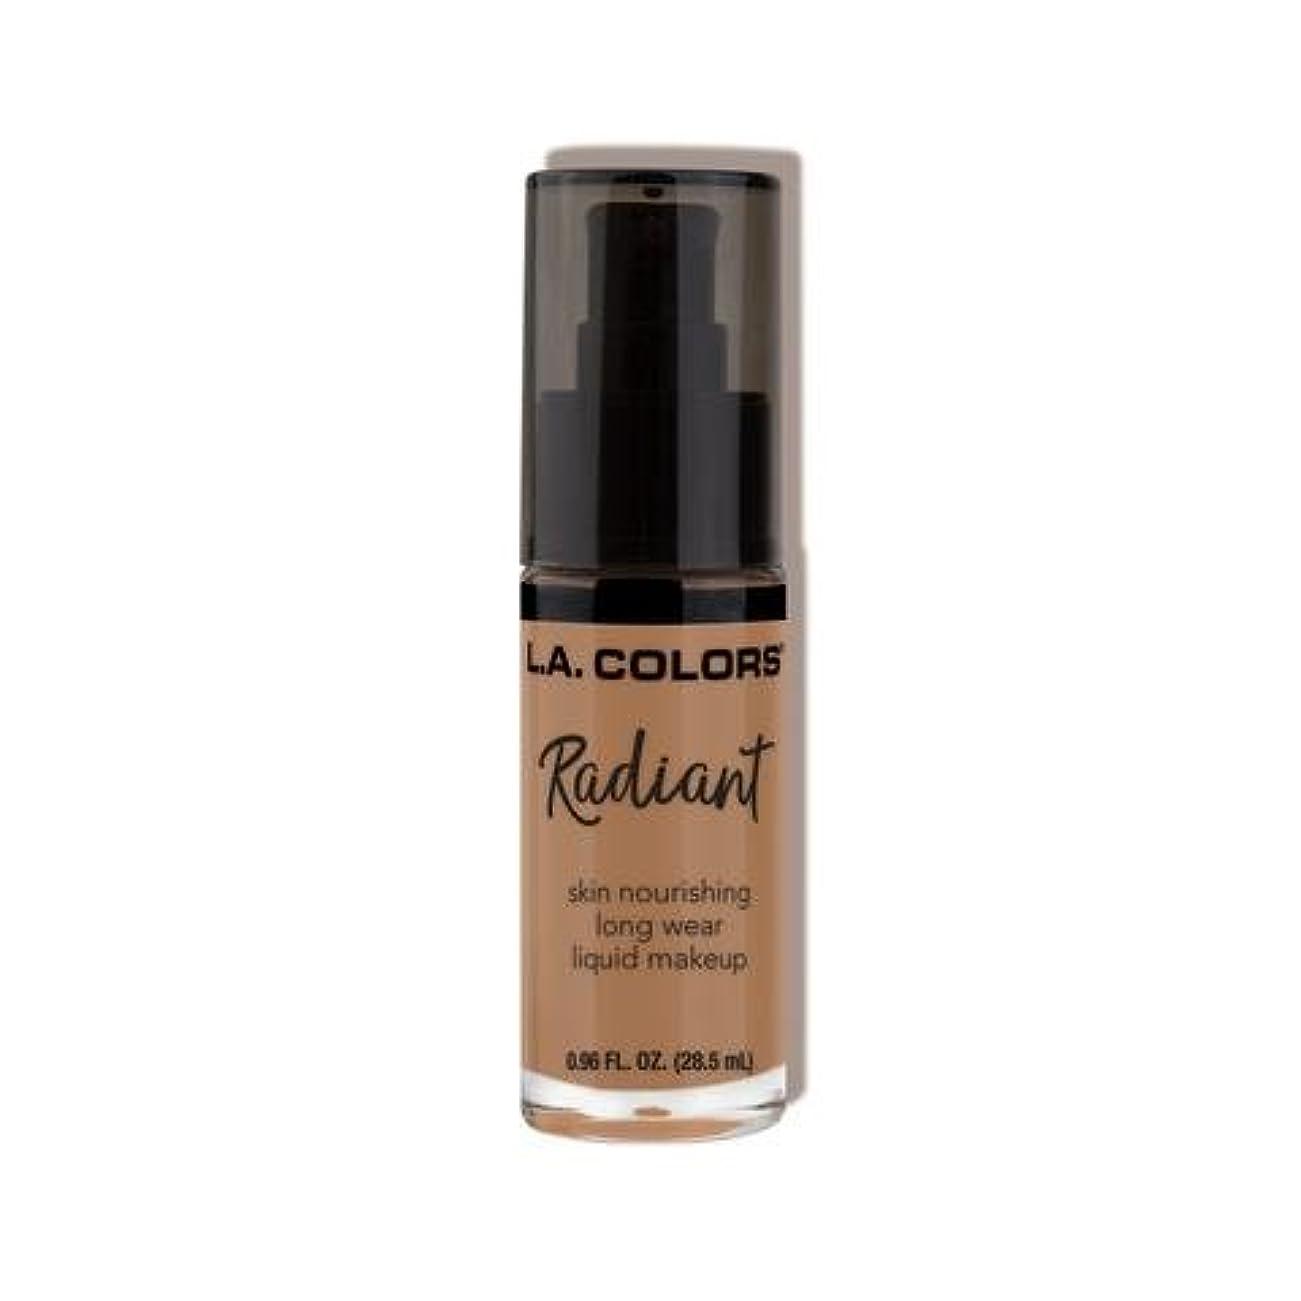 群れわざわざ小さい(3 Pack) L.A. COLORS Radiant Liquid Makeup - Creamy Cafe (並行輸入品)